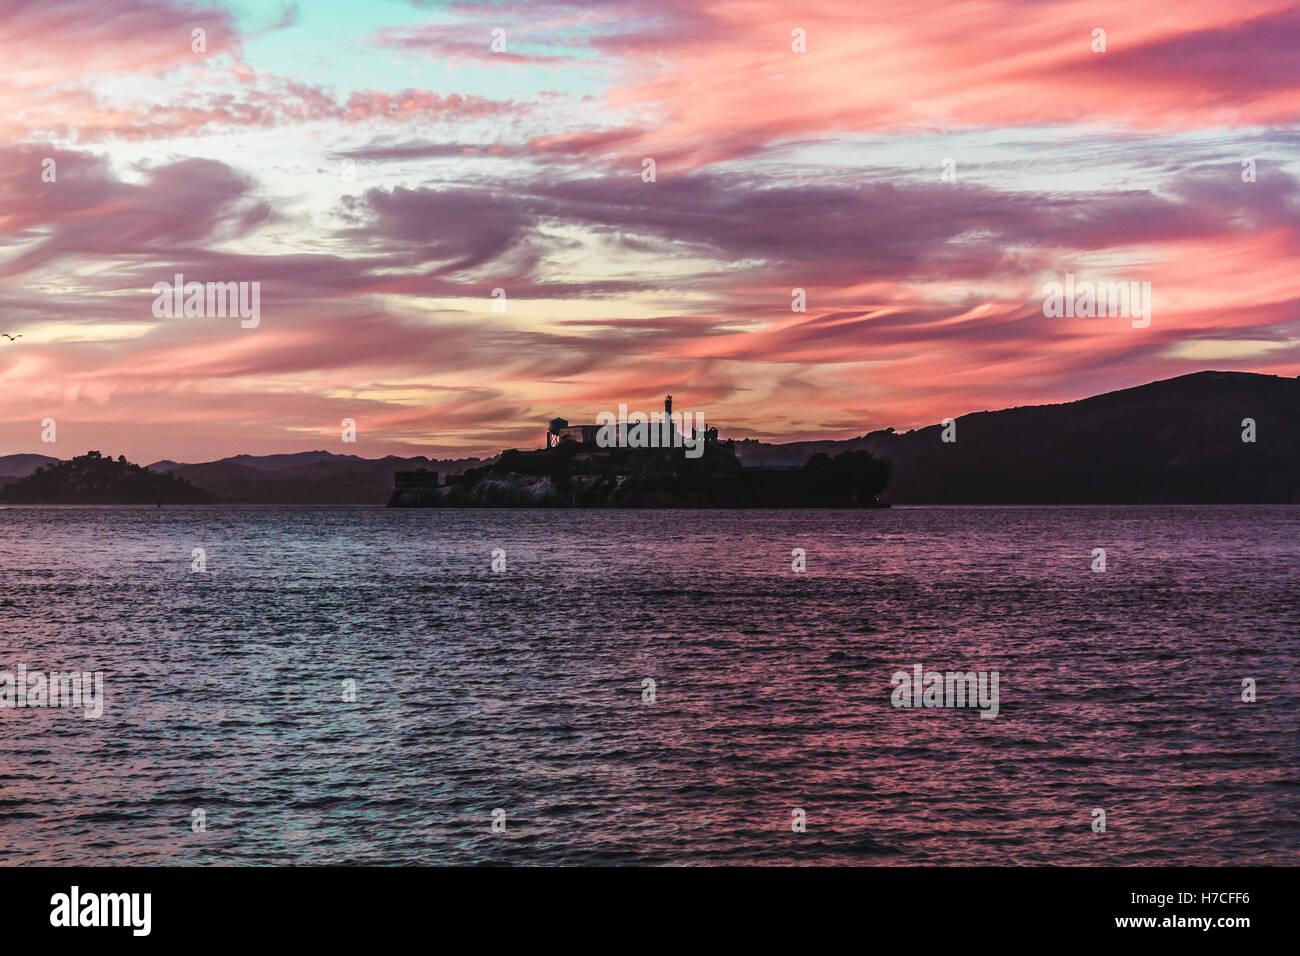 Foto von farbenprächtigen Sonnenuntergang bei Gefängnis Alcatraz in San Francisco, Kalifornien Stockbild